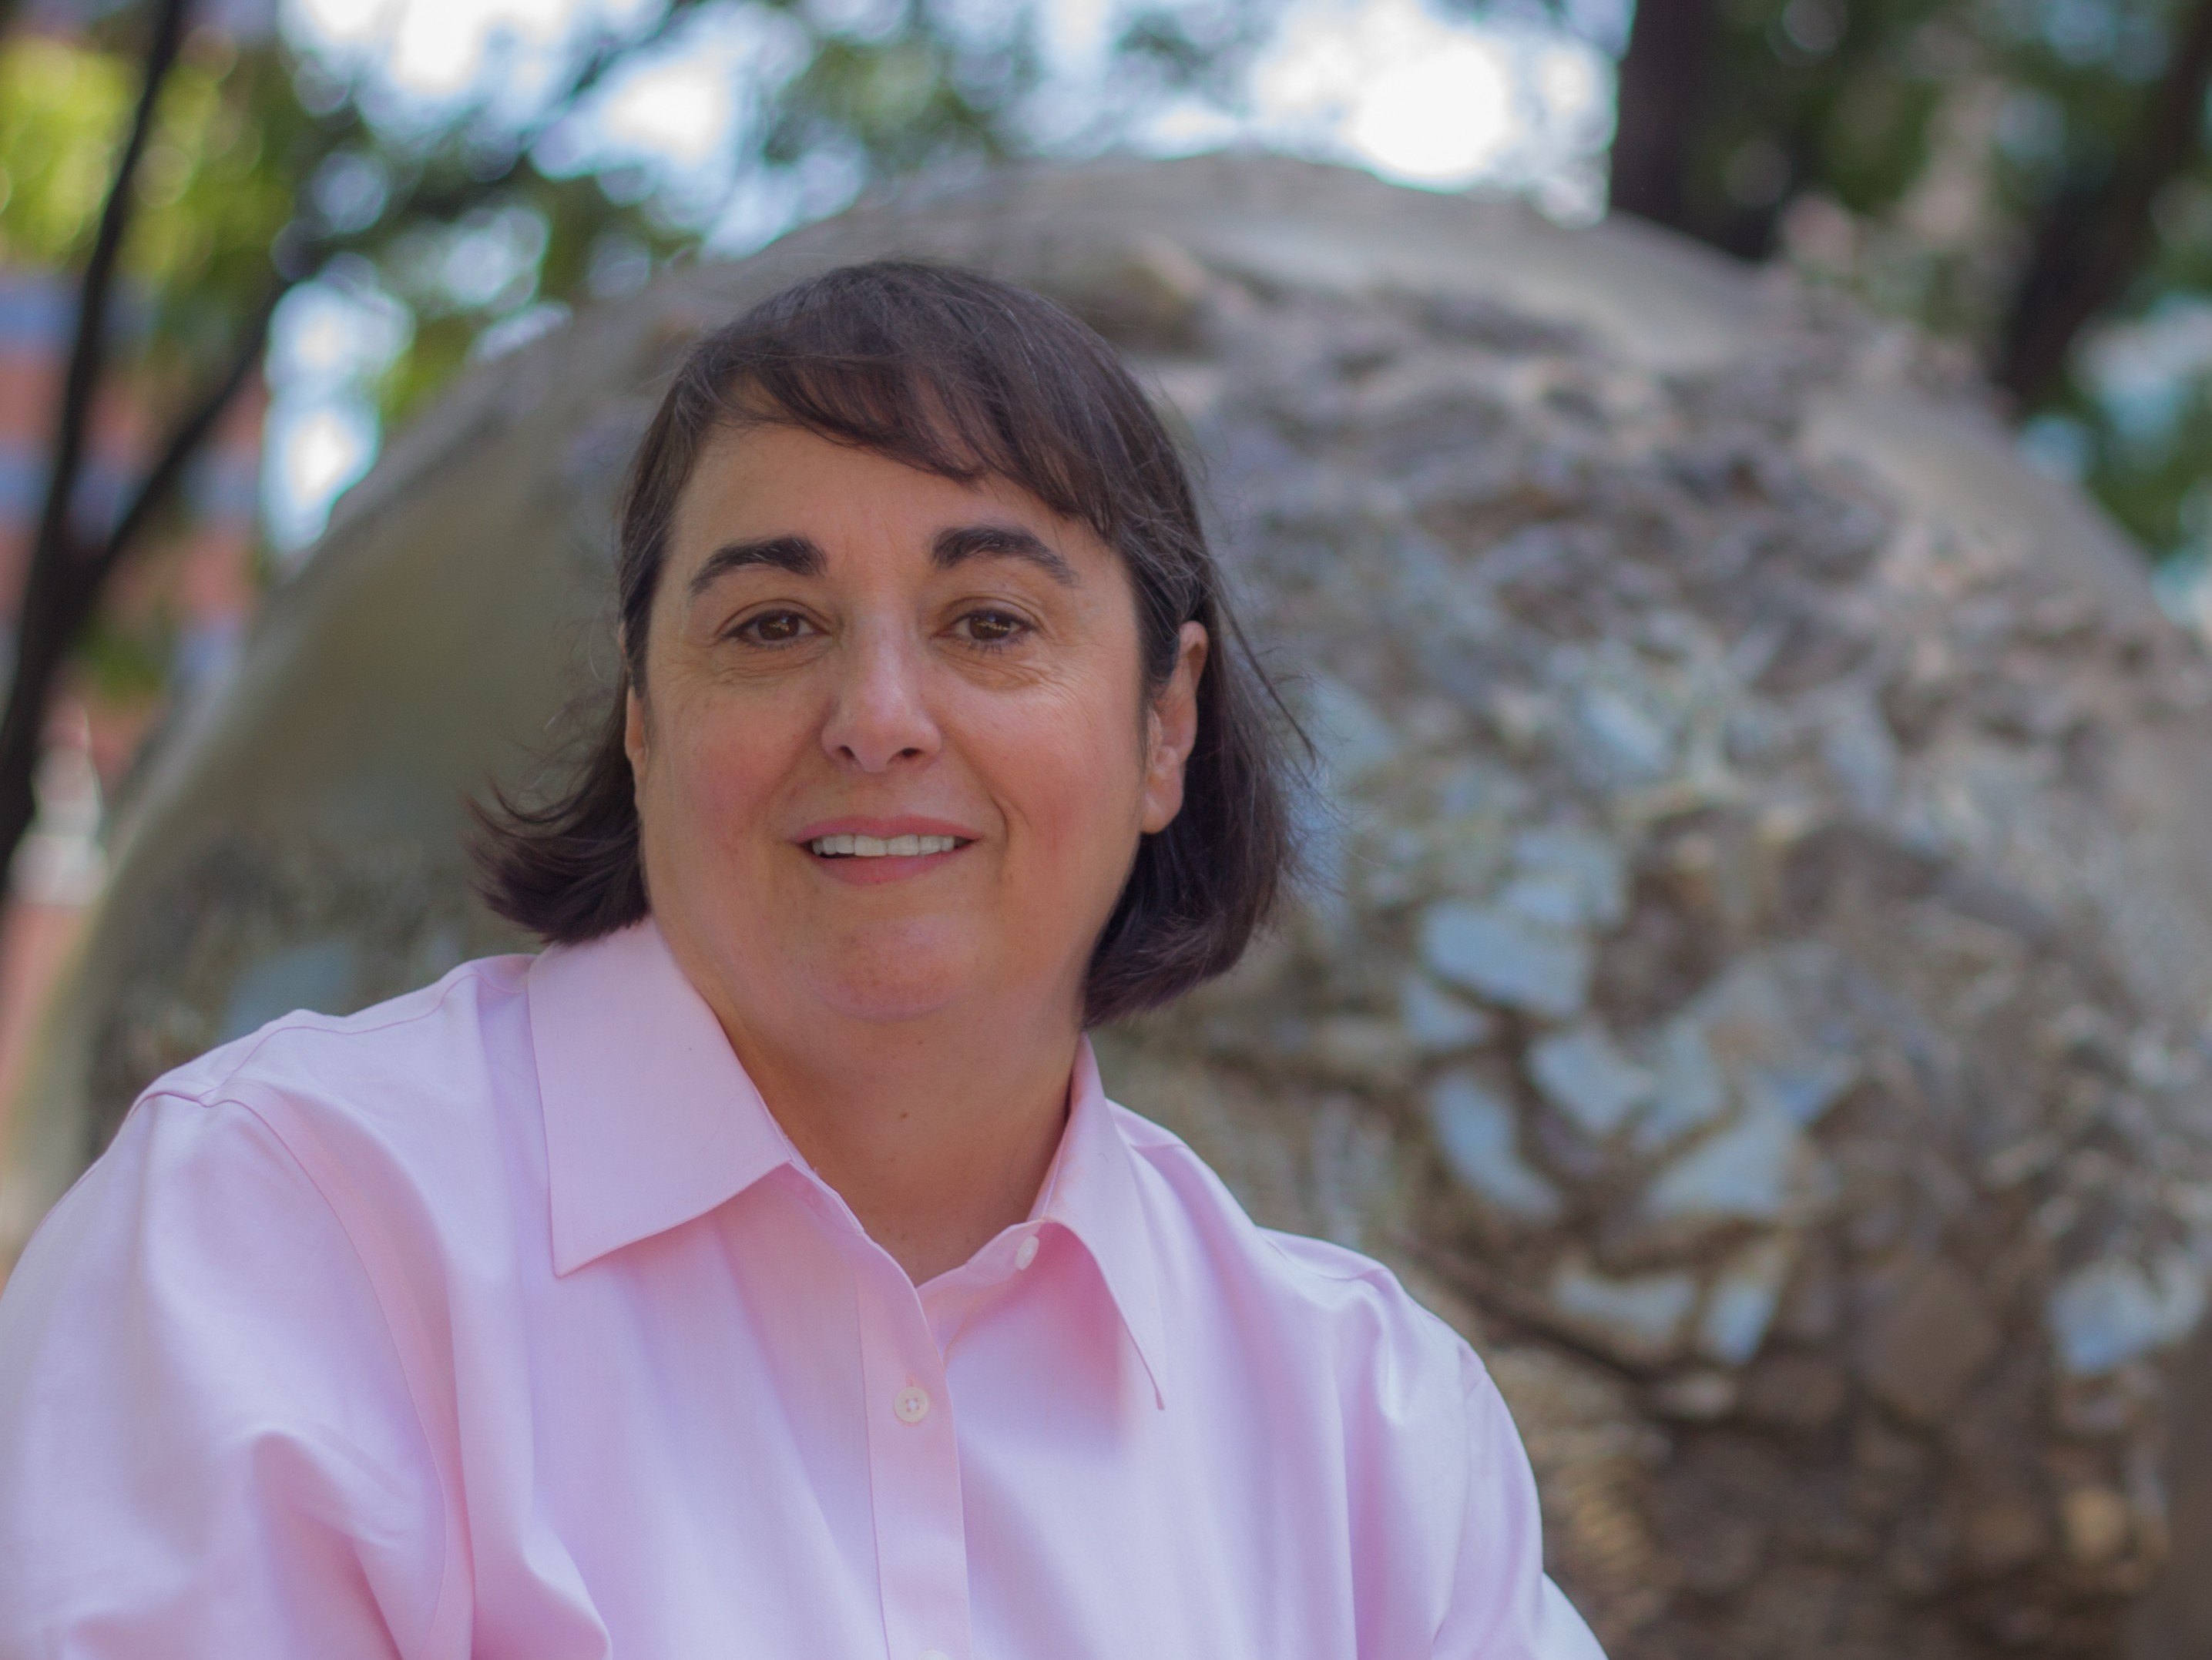 Paula Long, co-founder of DataGravity